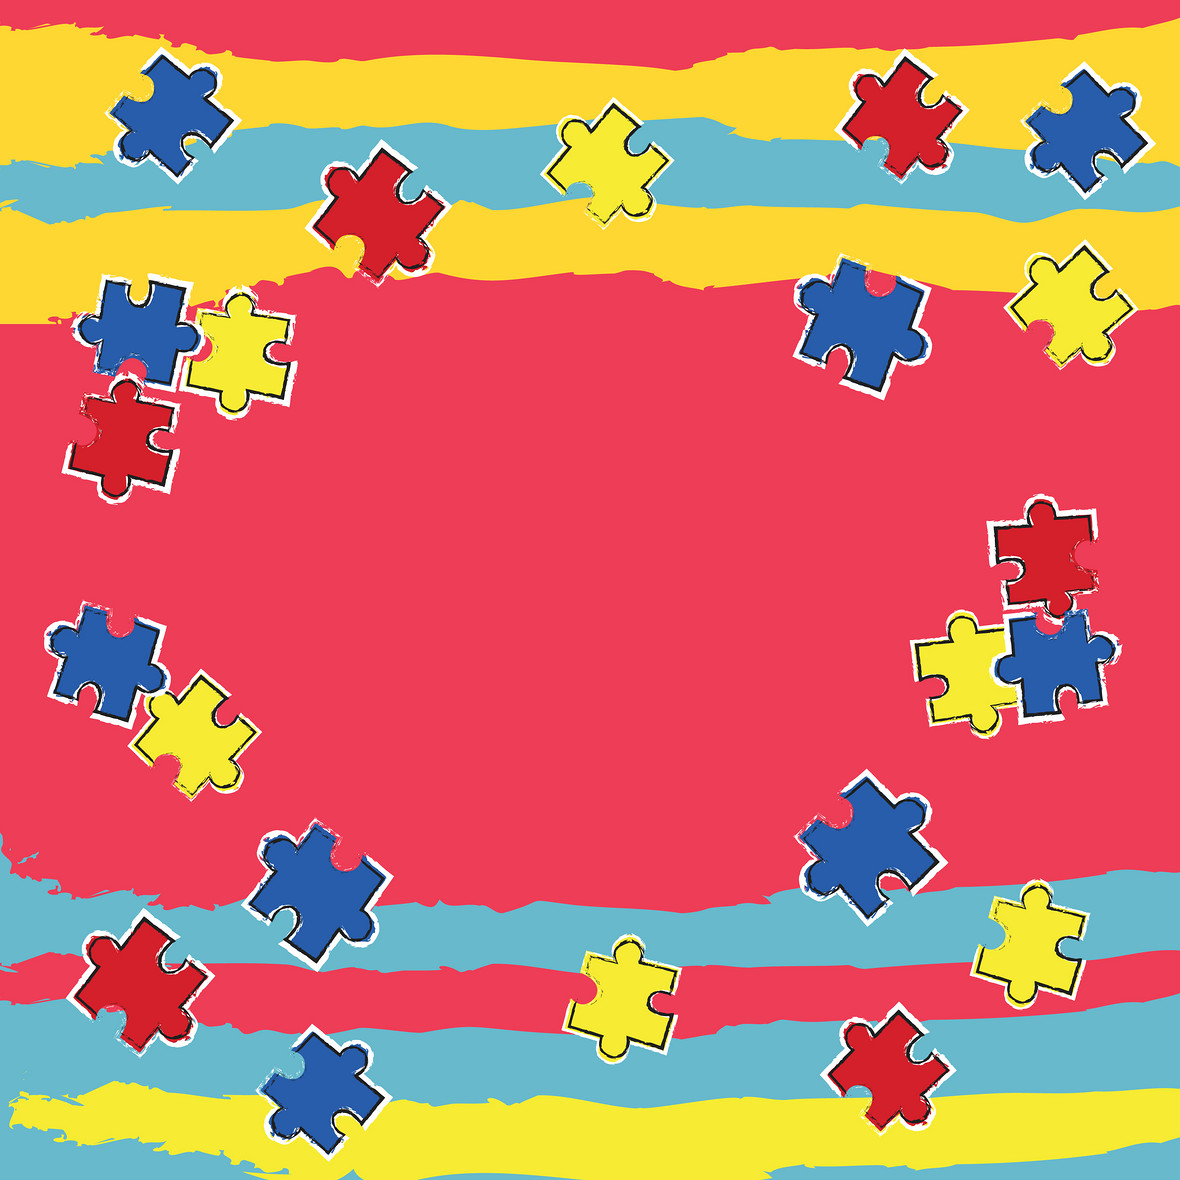 卡通手绘拼图童趣六一儿童节背景素材